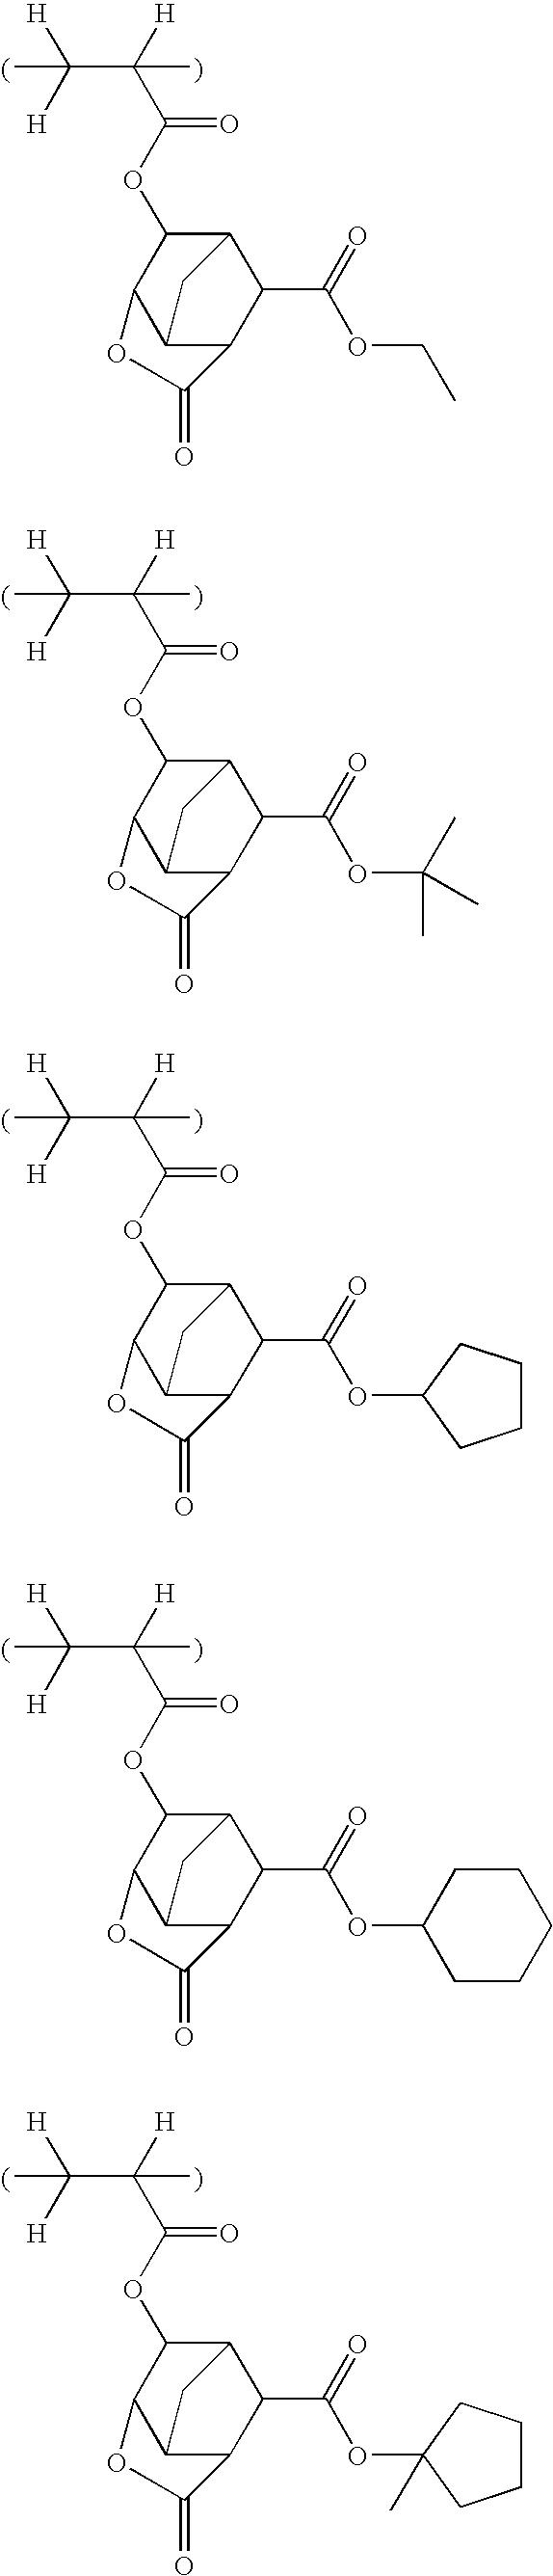 Figure US20080026331A1-20080131-C00056